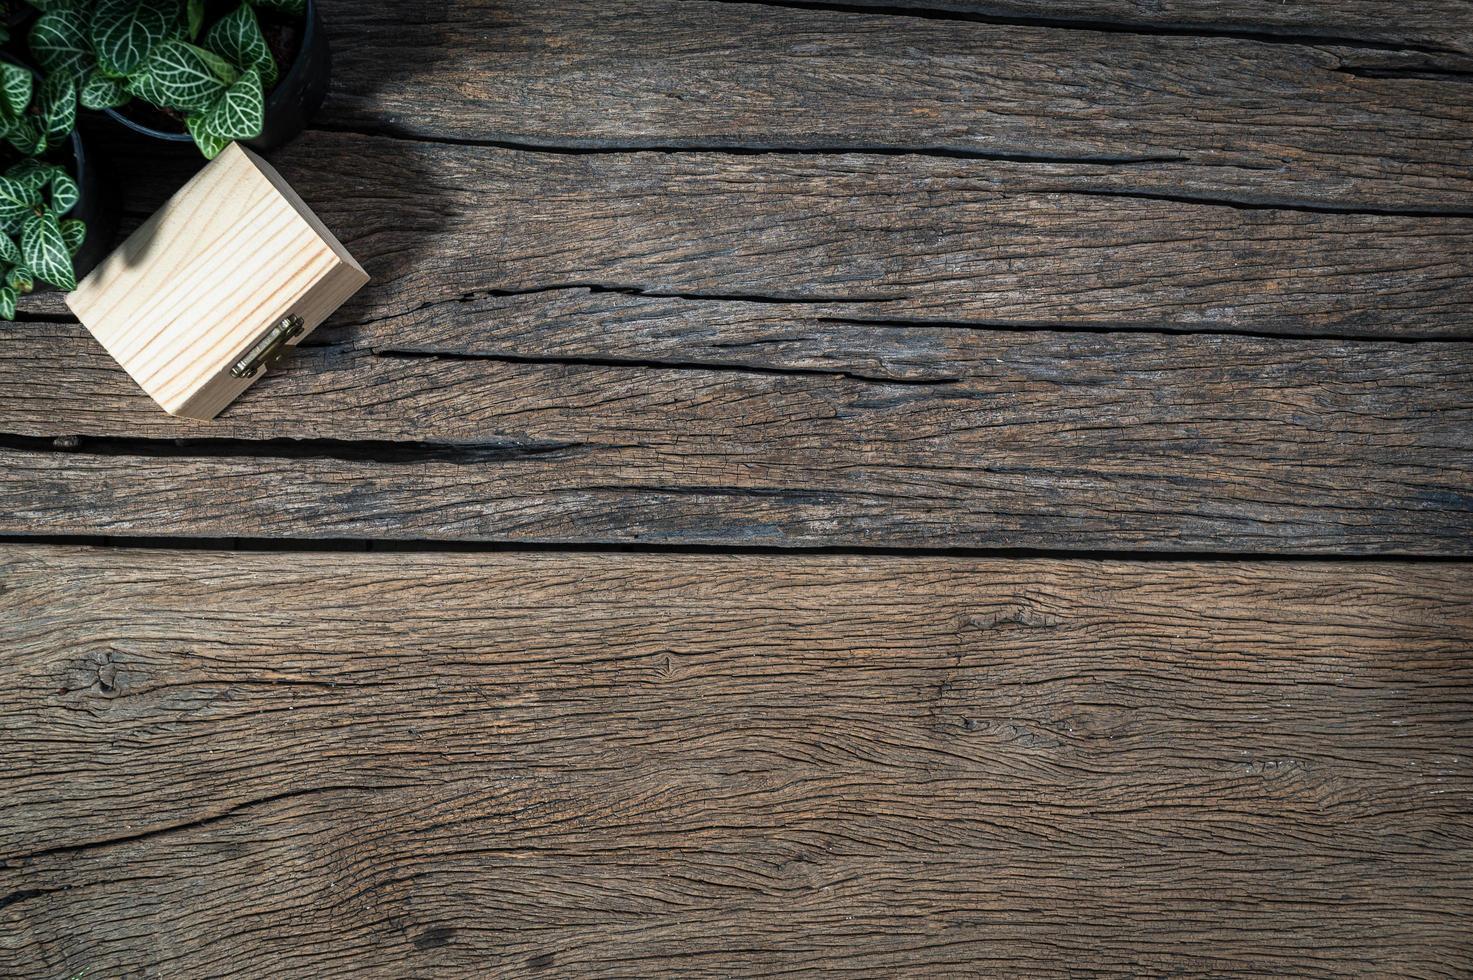 houten bureau, bovenaanzicht foto